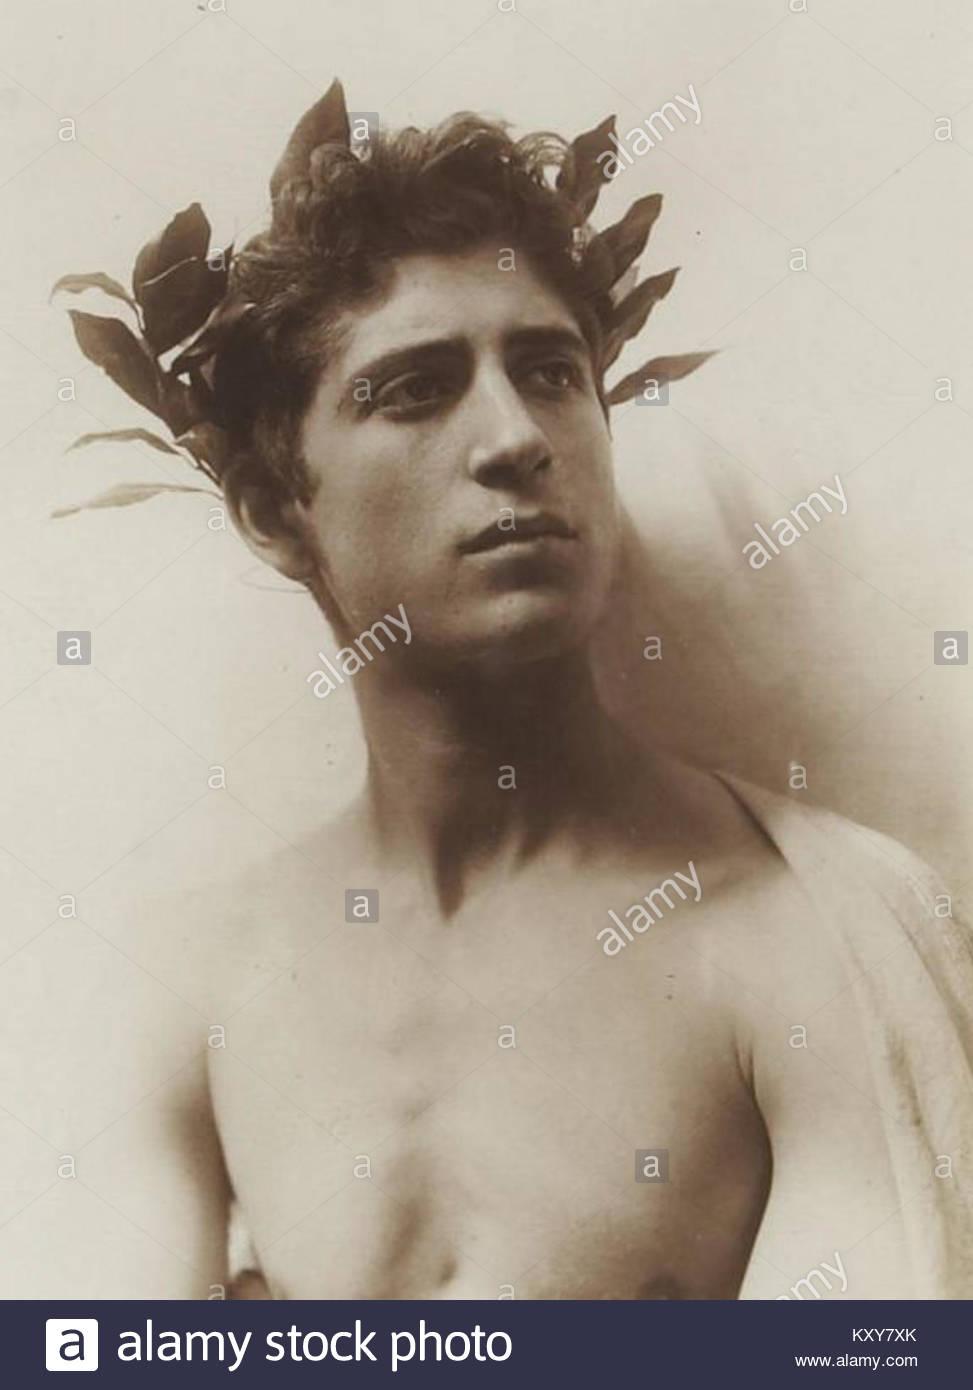 , Wilhelm Von Gloeden (1856-1931) - n. 1590 - Adolescente laureato - Sito del Musée d'Orsay Imagen De Stock